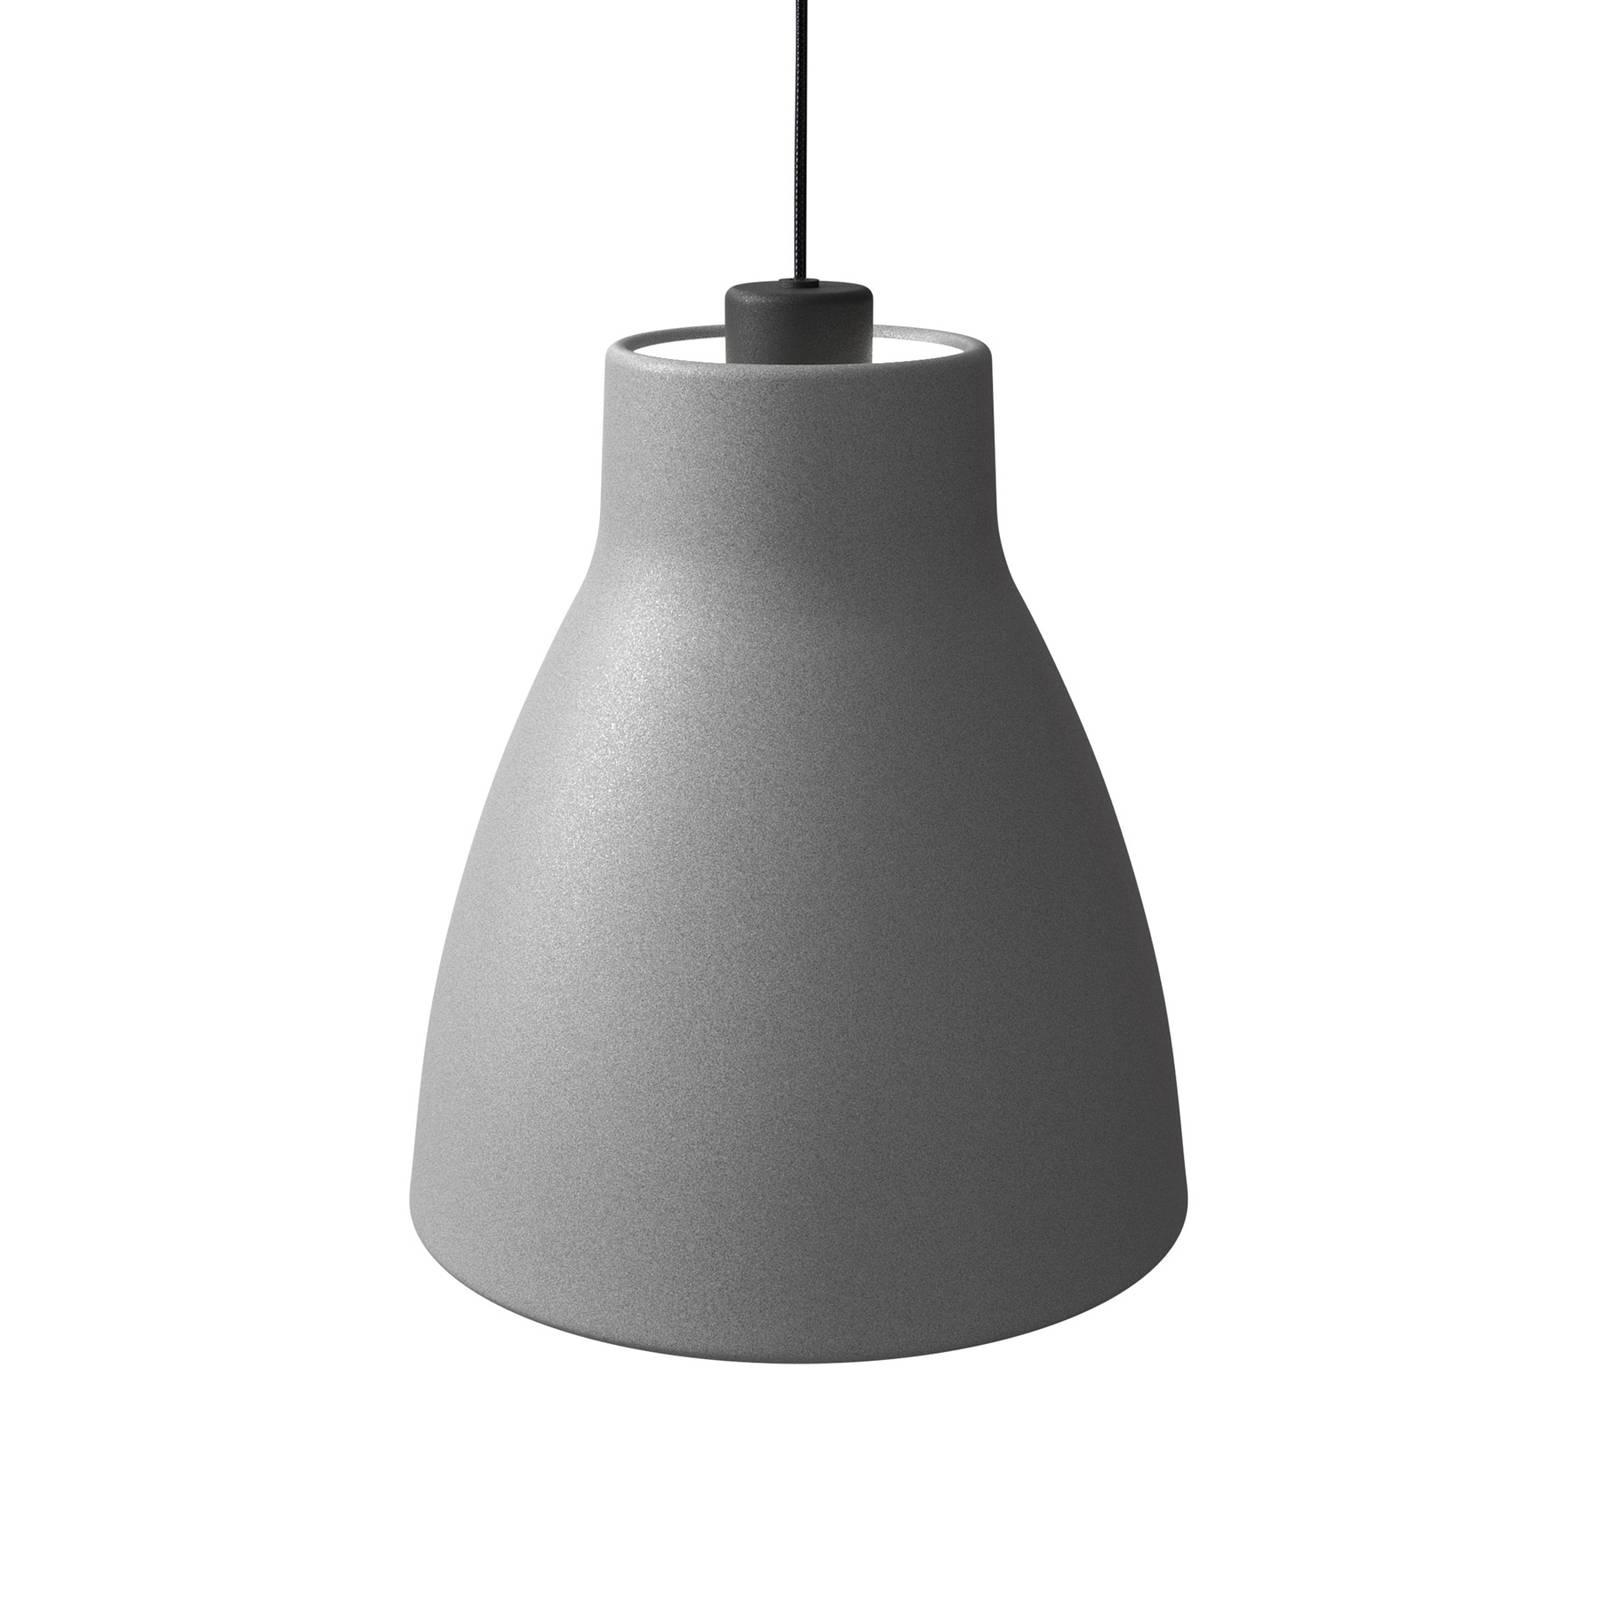 Pendelleuchte Gong, Ø 25 cm, betonfarben